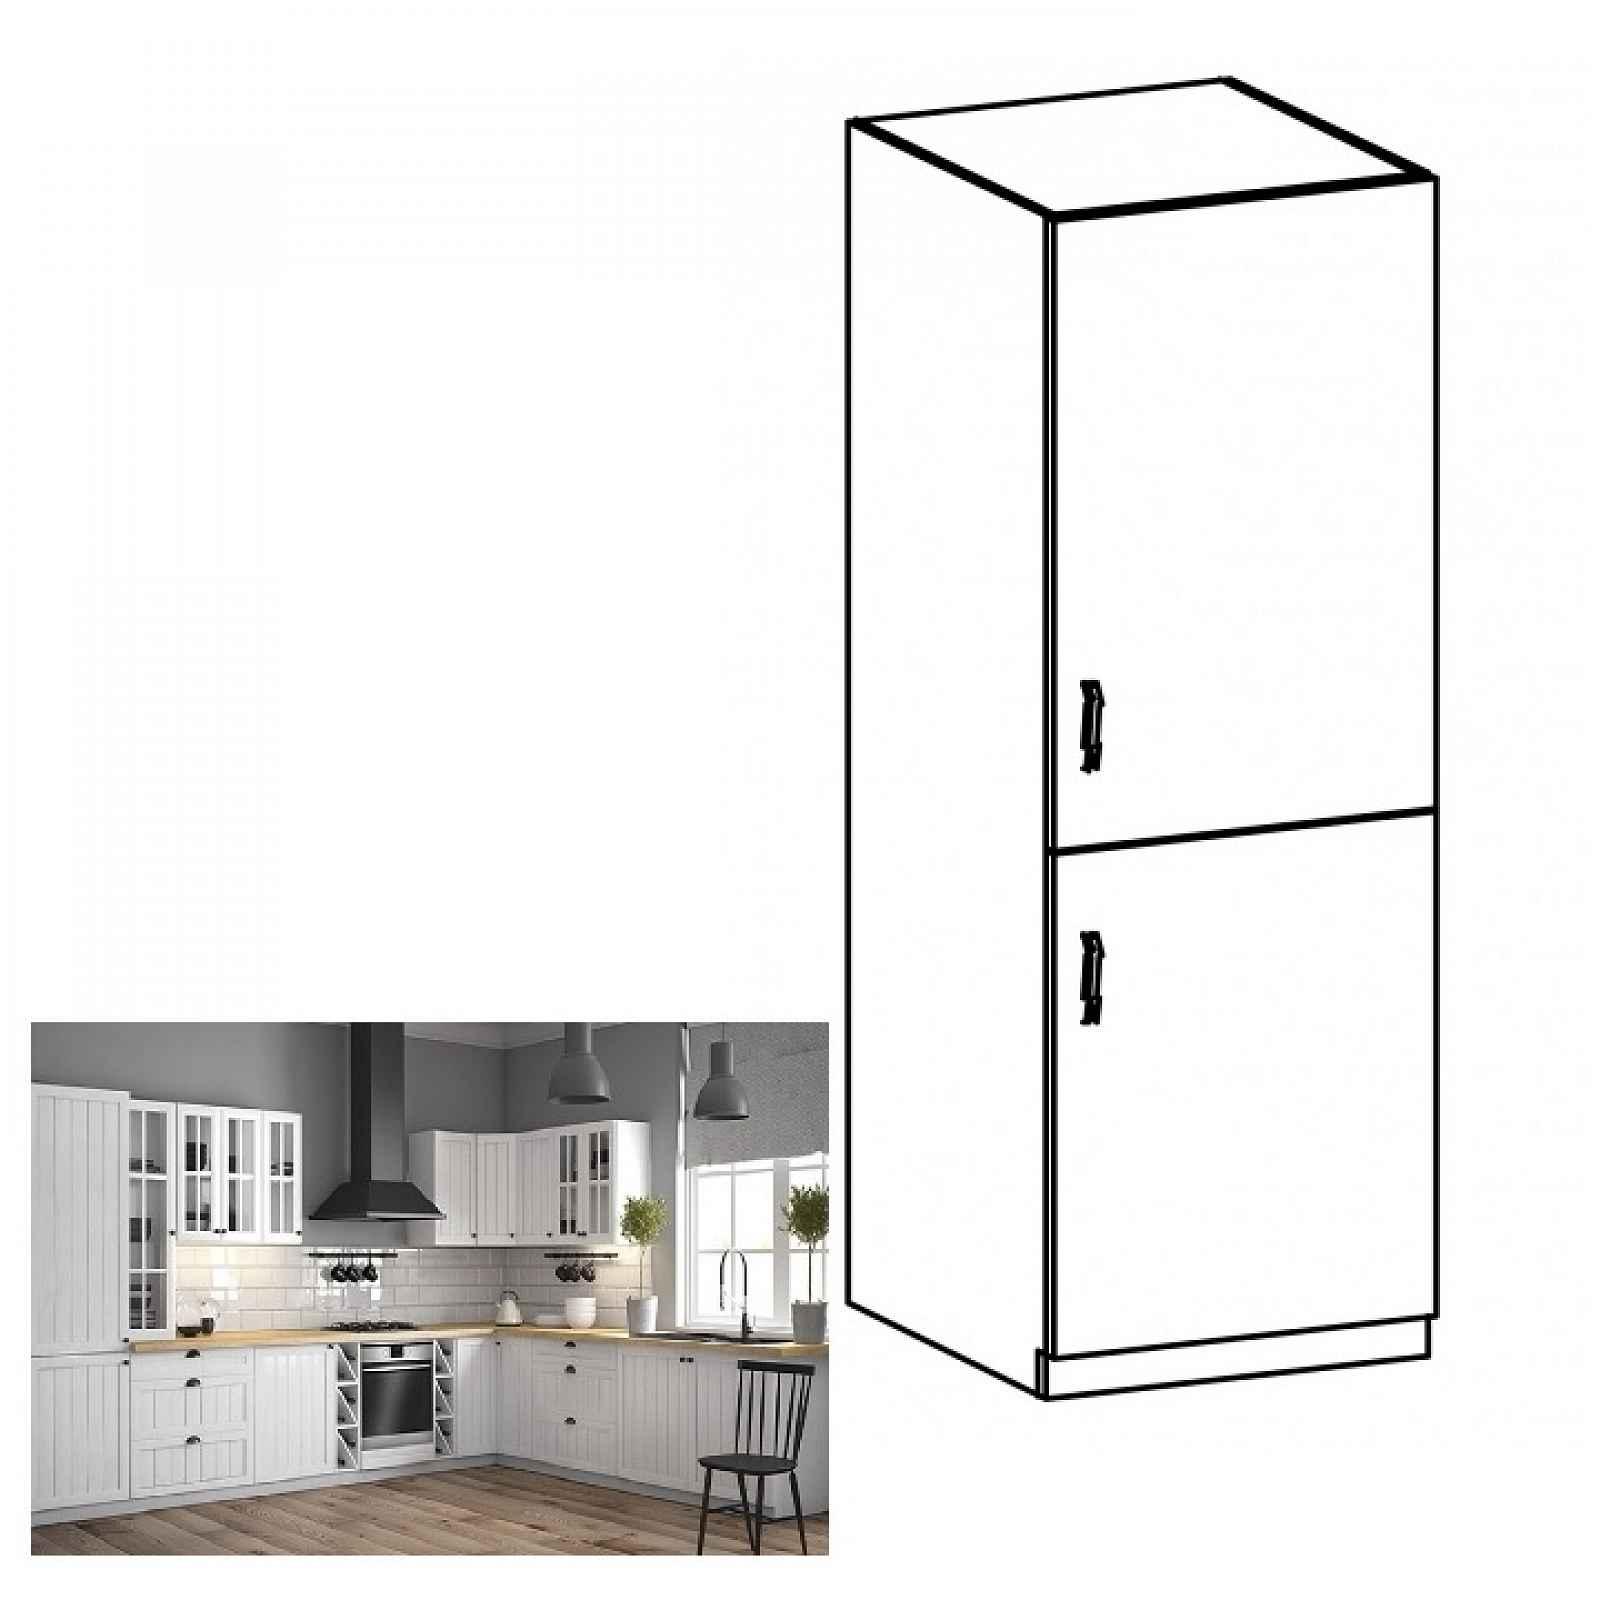 Sříňka na vestavěnou lednici PROVANCE D60ZL bílá / sosna andersen Tempo Kondela Pravé